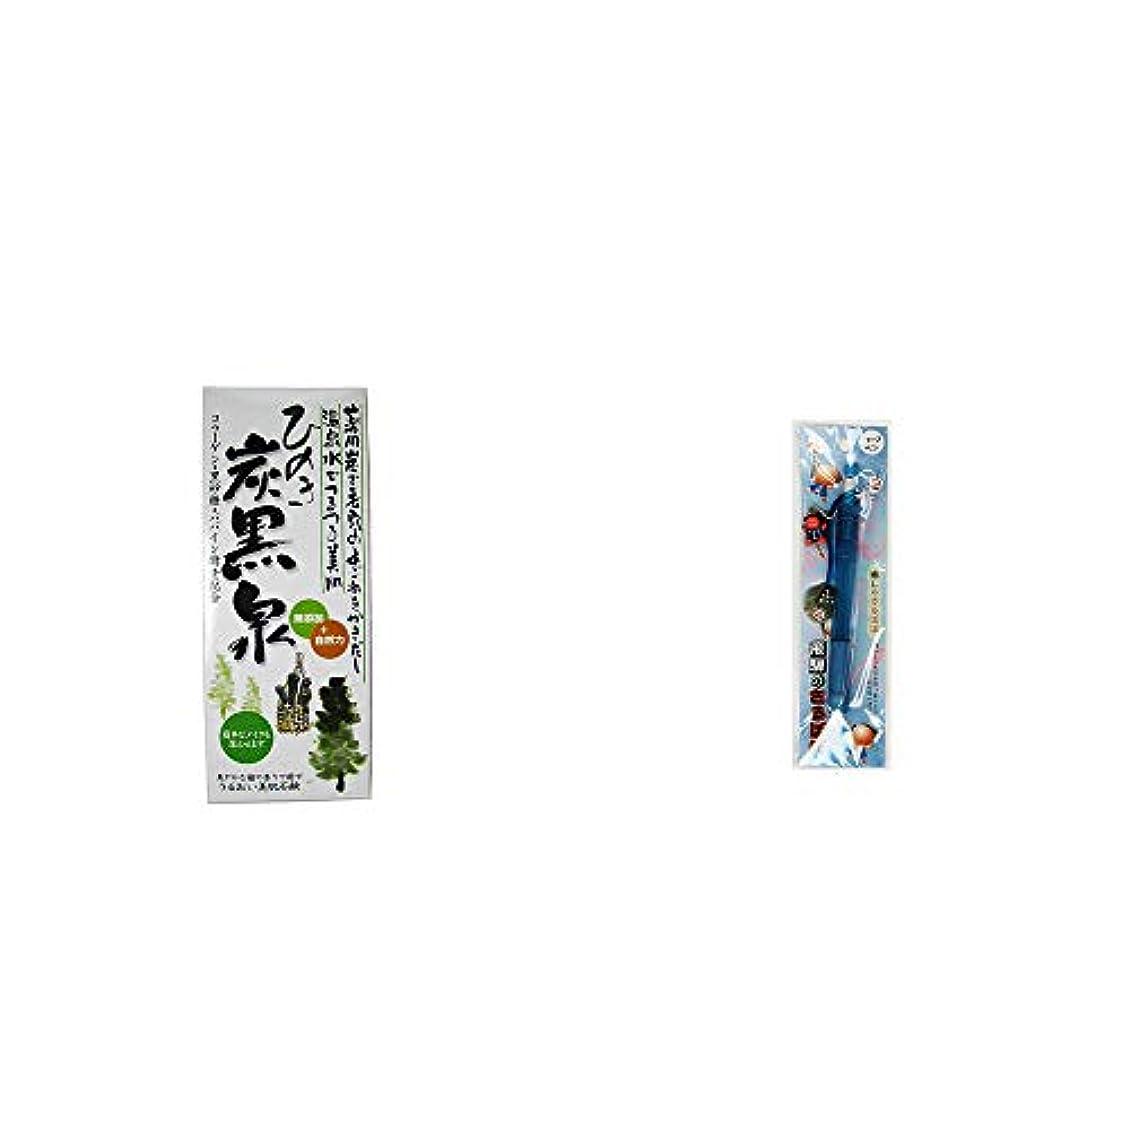 マーチャンダイジング快いできた[2点セット] ひのき炭黒泉 箱入り(75g×3)?さるぼぼ 癒しシャープペン 【ブルー】